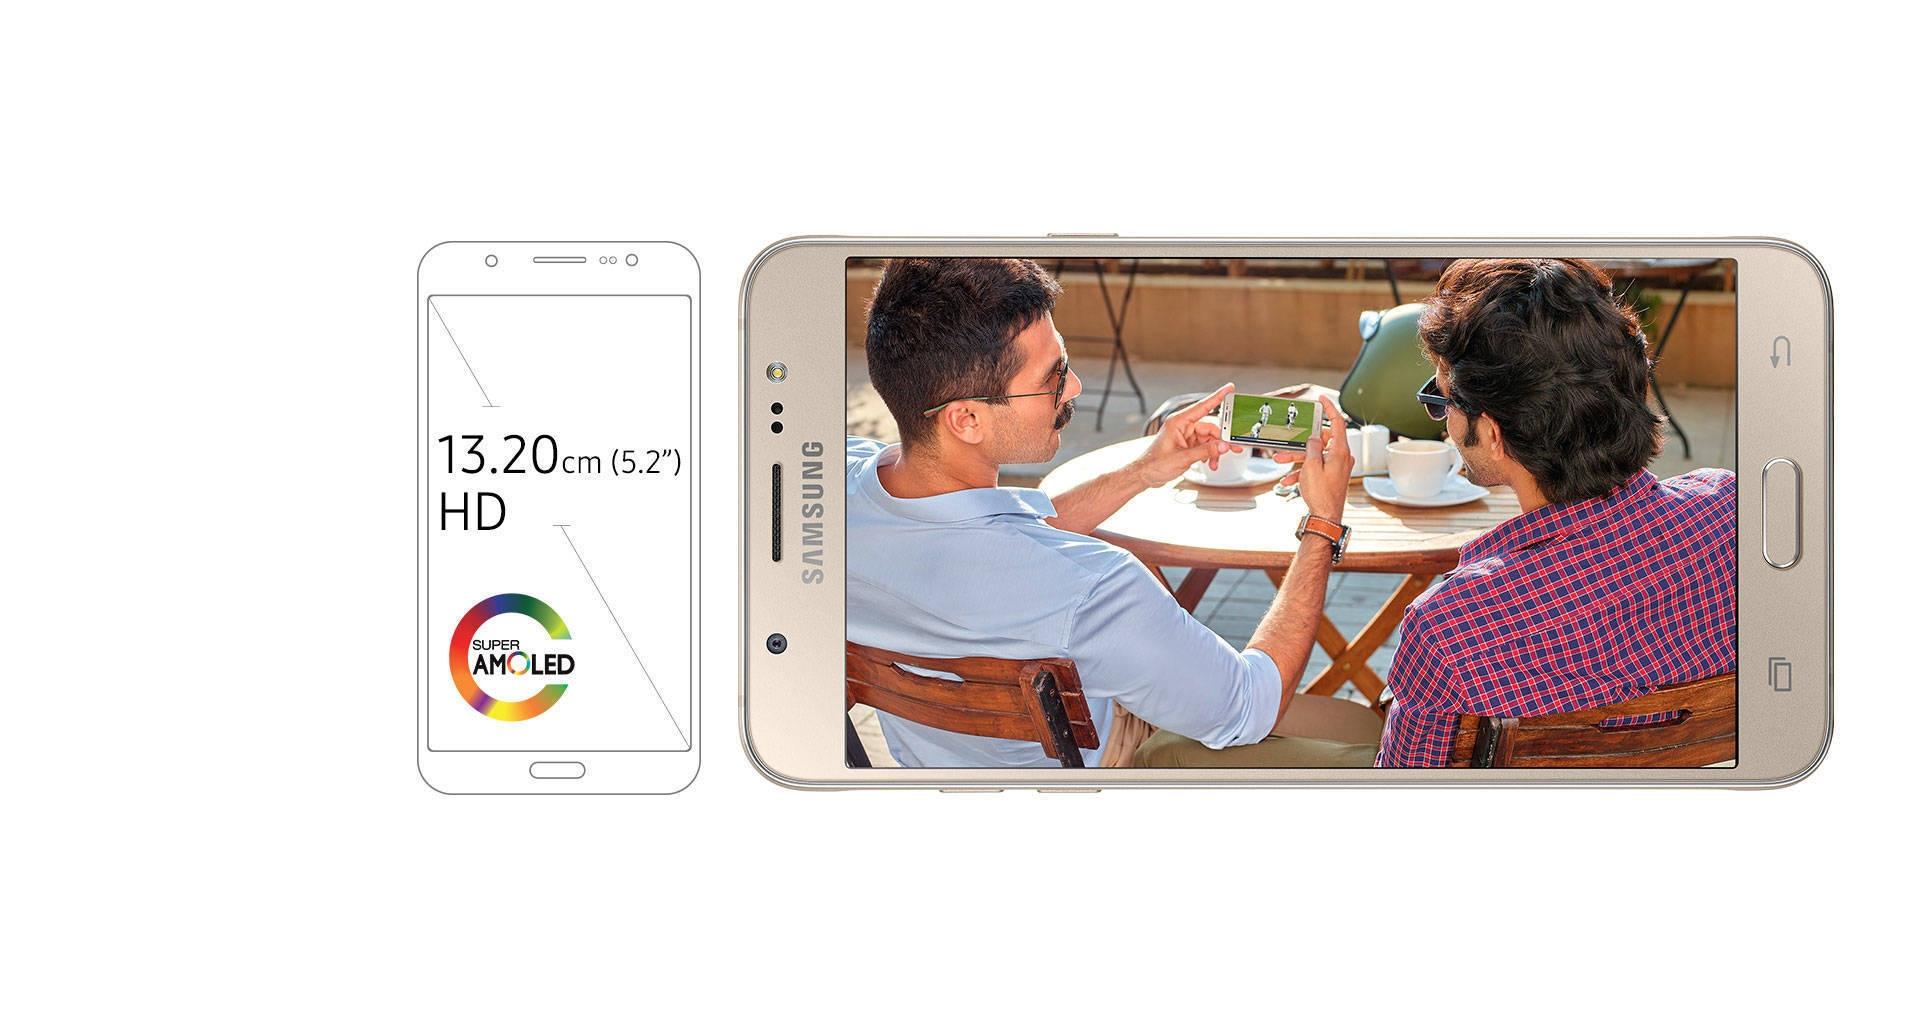 Samsung galaxy j5 2016 prix maroc,galaxy j5 2016 fiche technique,j5 6 prix maroc